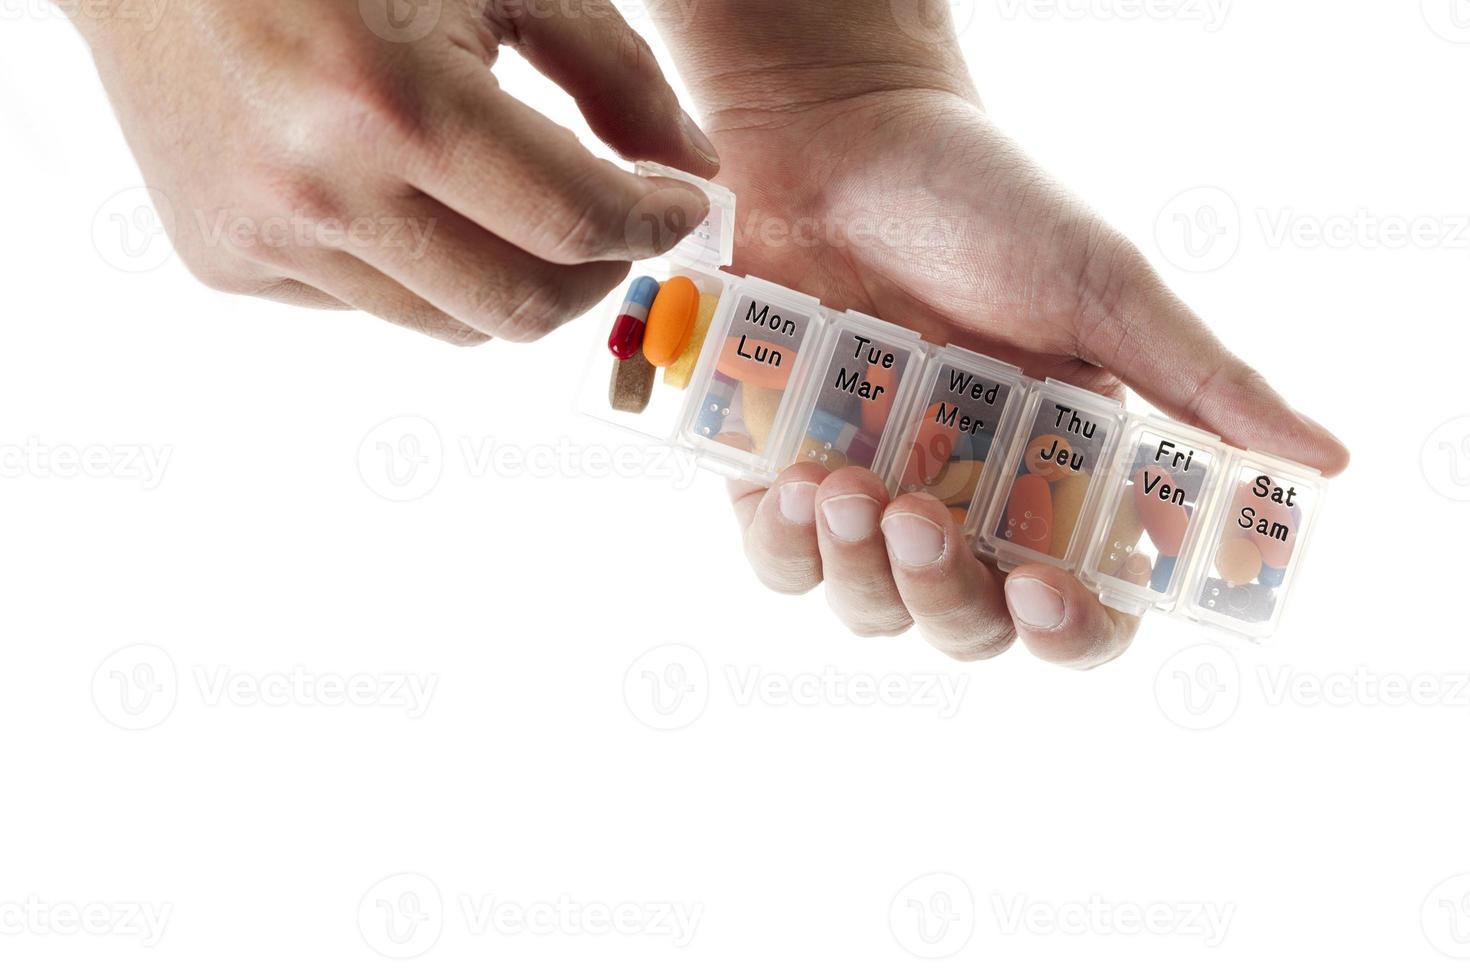 close-up tiro da mão humana segurando o pacote de comprimidos foto